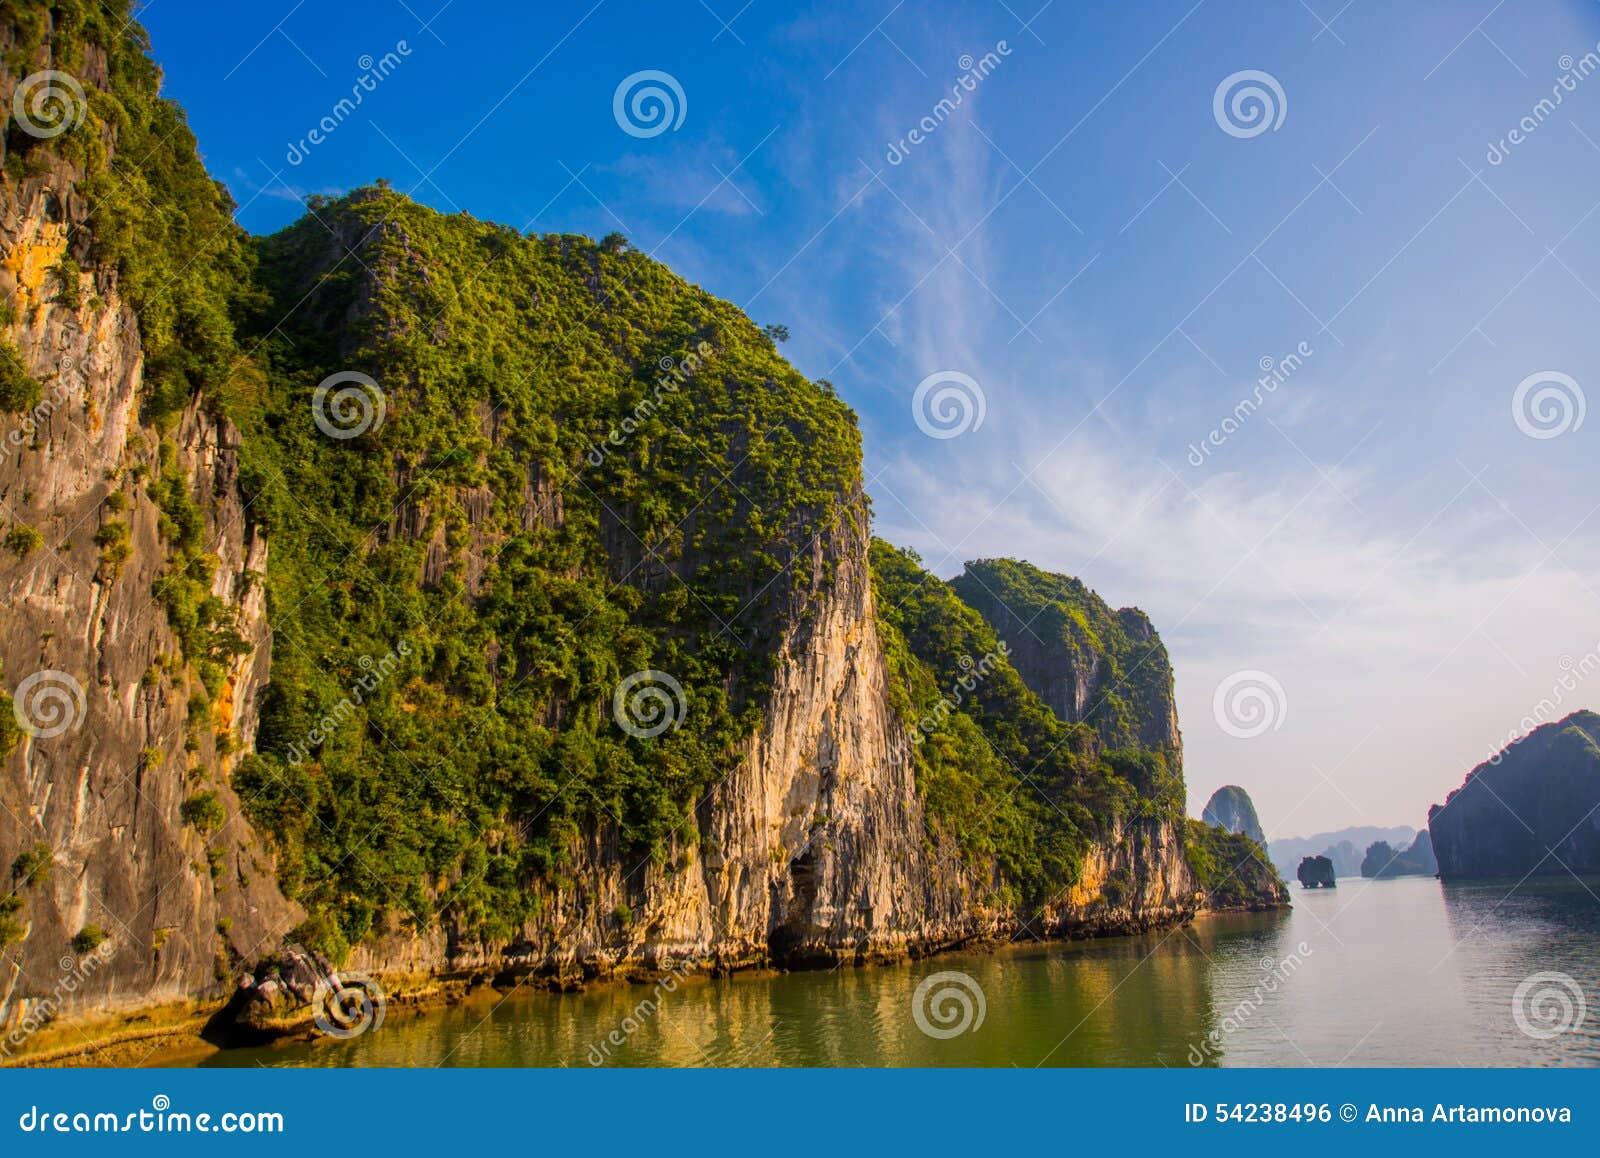 asien land von vietnam berge stockfoto bild von anordnung steigen 54238496. Black Bedroom Furniture Sets. Home Design Ideas